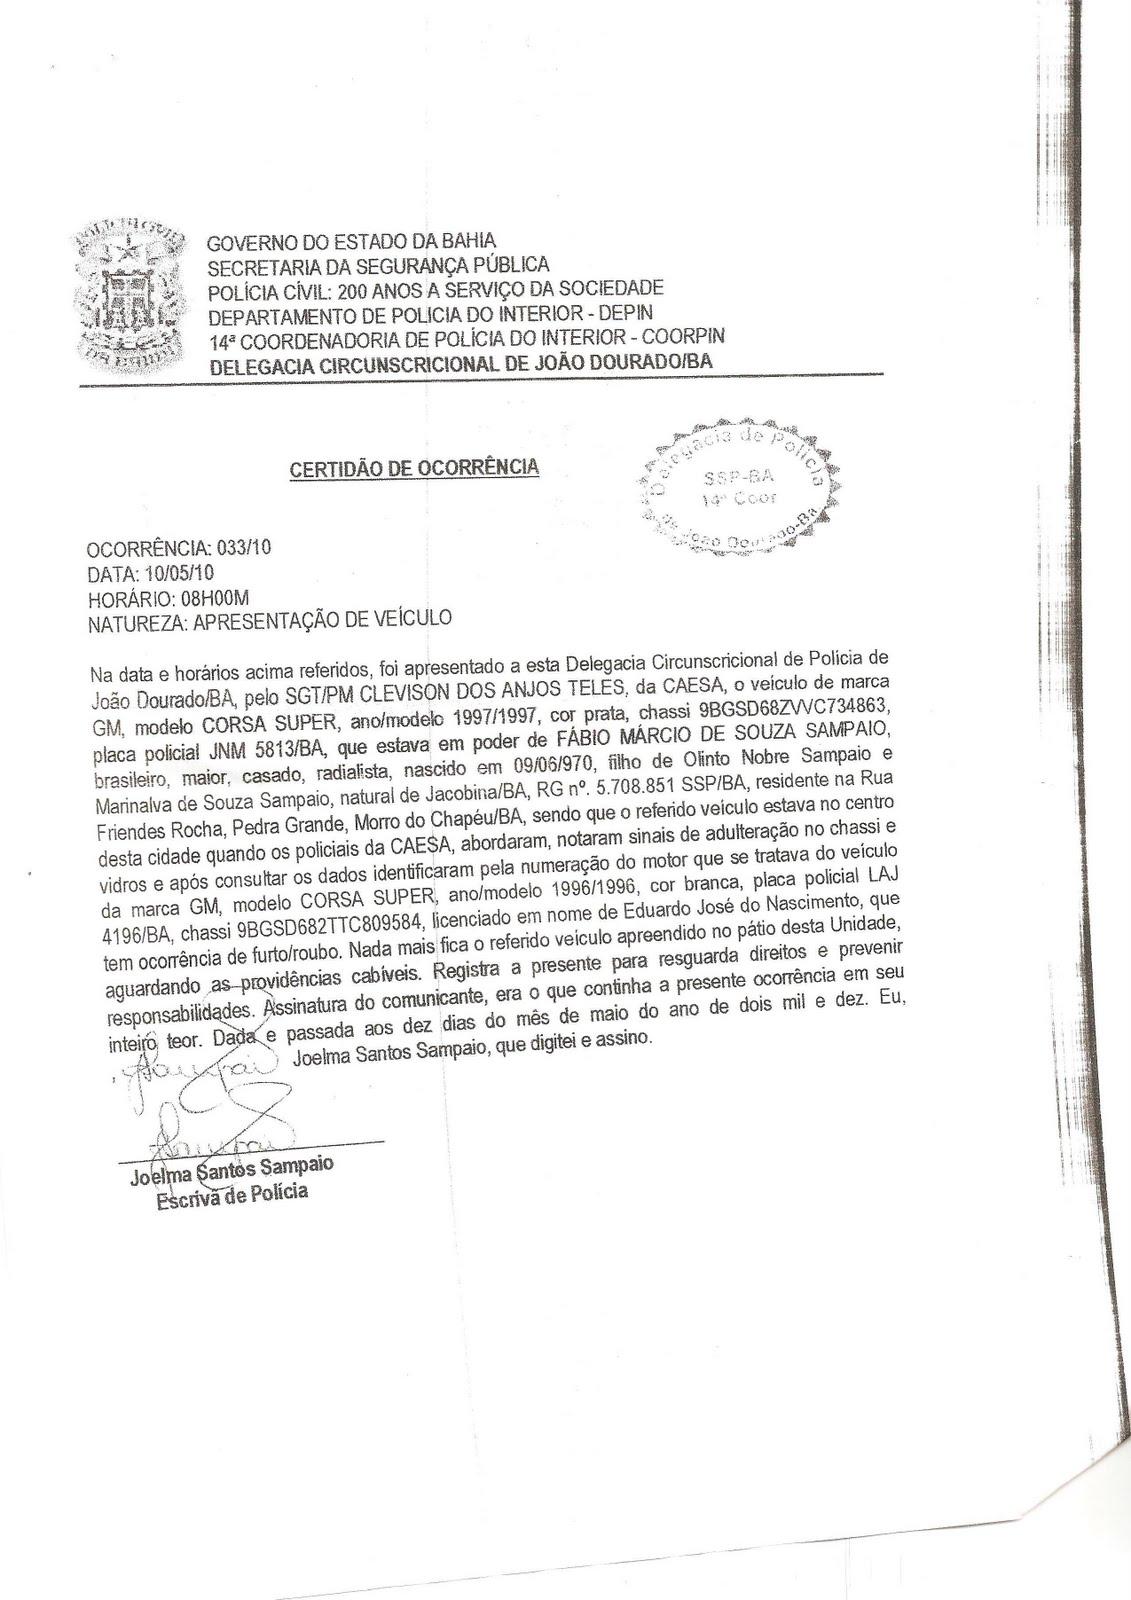 Image result for BANDIDO BOM É BANDIDO MORTO assim declara ribeiro sousa blog morro noticias sem censura